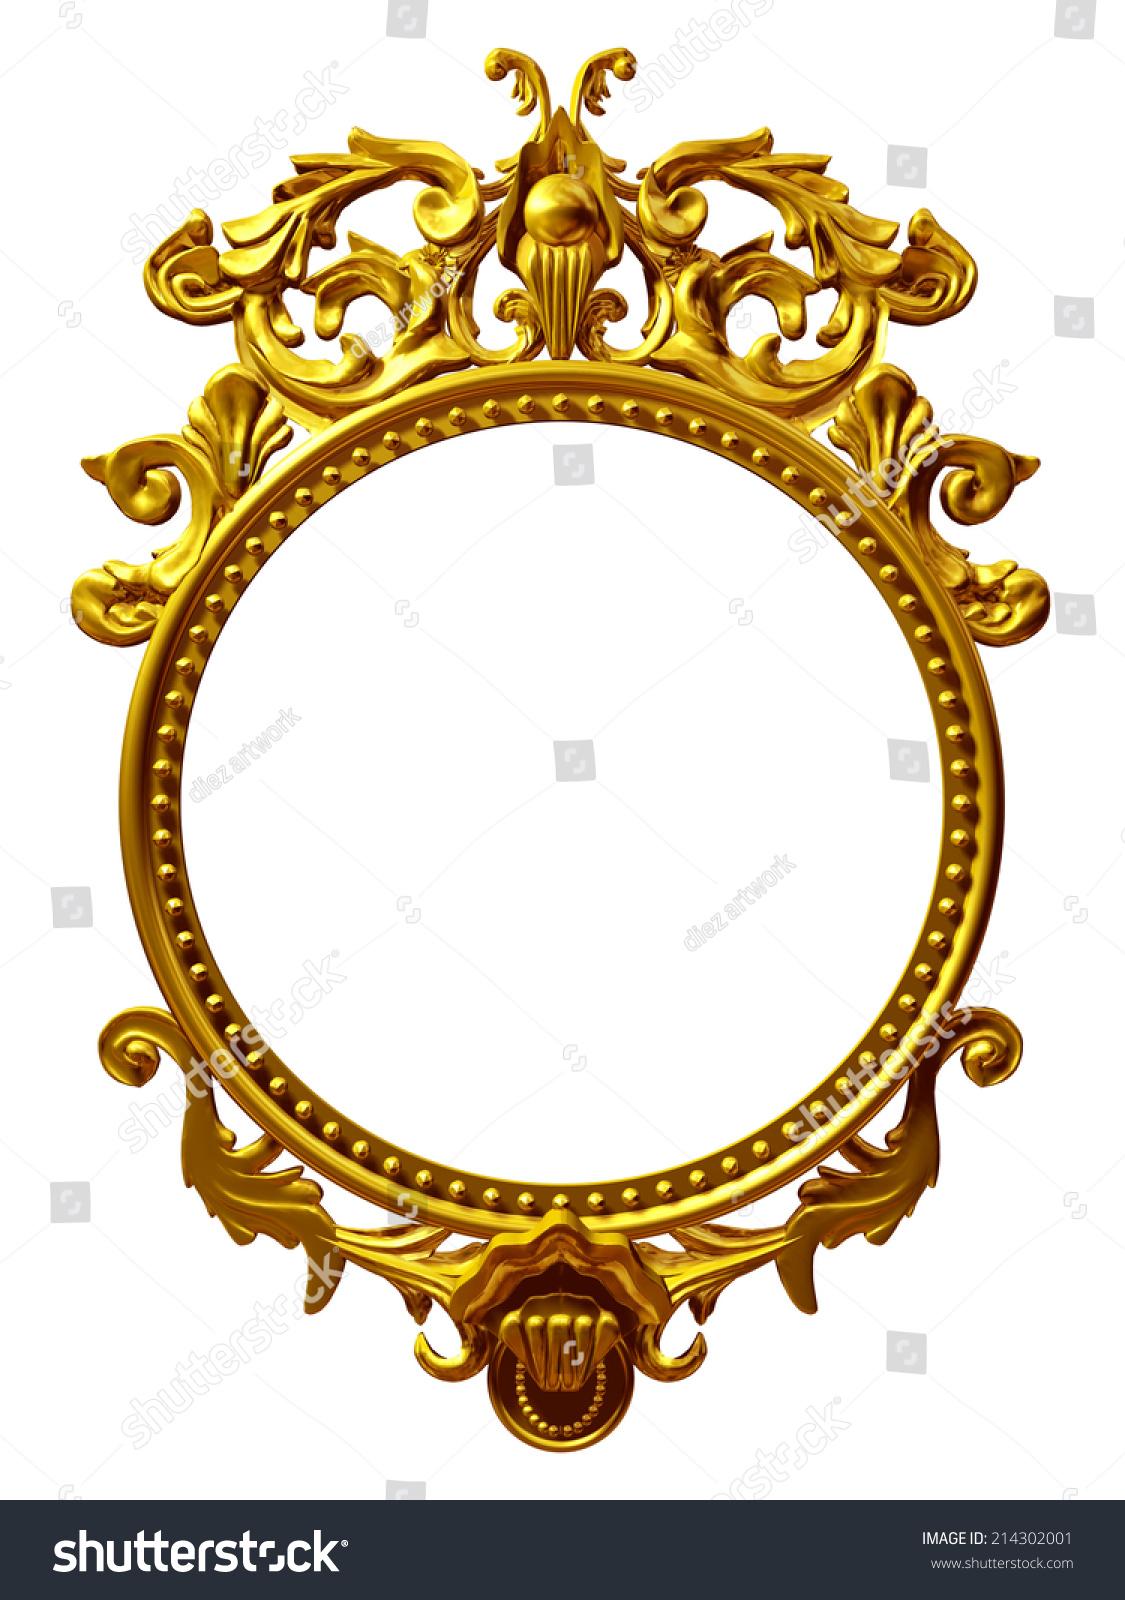 Vintage Picture Frame Vector Stock Images RoyaltyFree